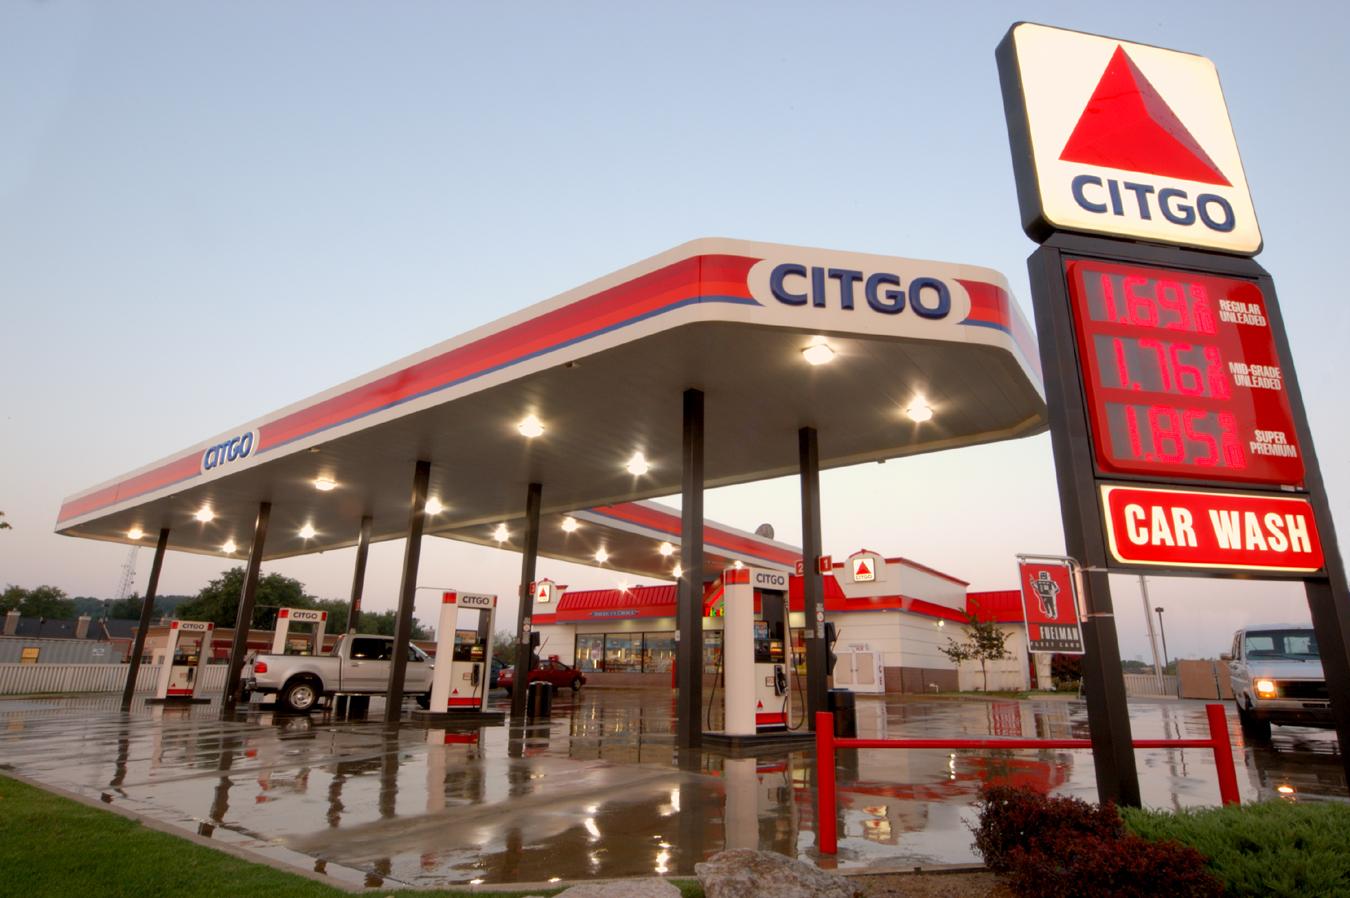 या यादीत सर्वात पहिल्या क्रमांकावर आहे व्हेनेजुएला. या देशात तुम्ही विचारही करू शकत नाही, एवढी कमी किंमत आहे. या देशात पेट्रोलची किंमत प्रती लिटर चक्क 4 पैसे आहे.